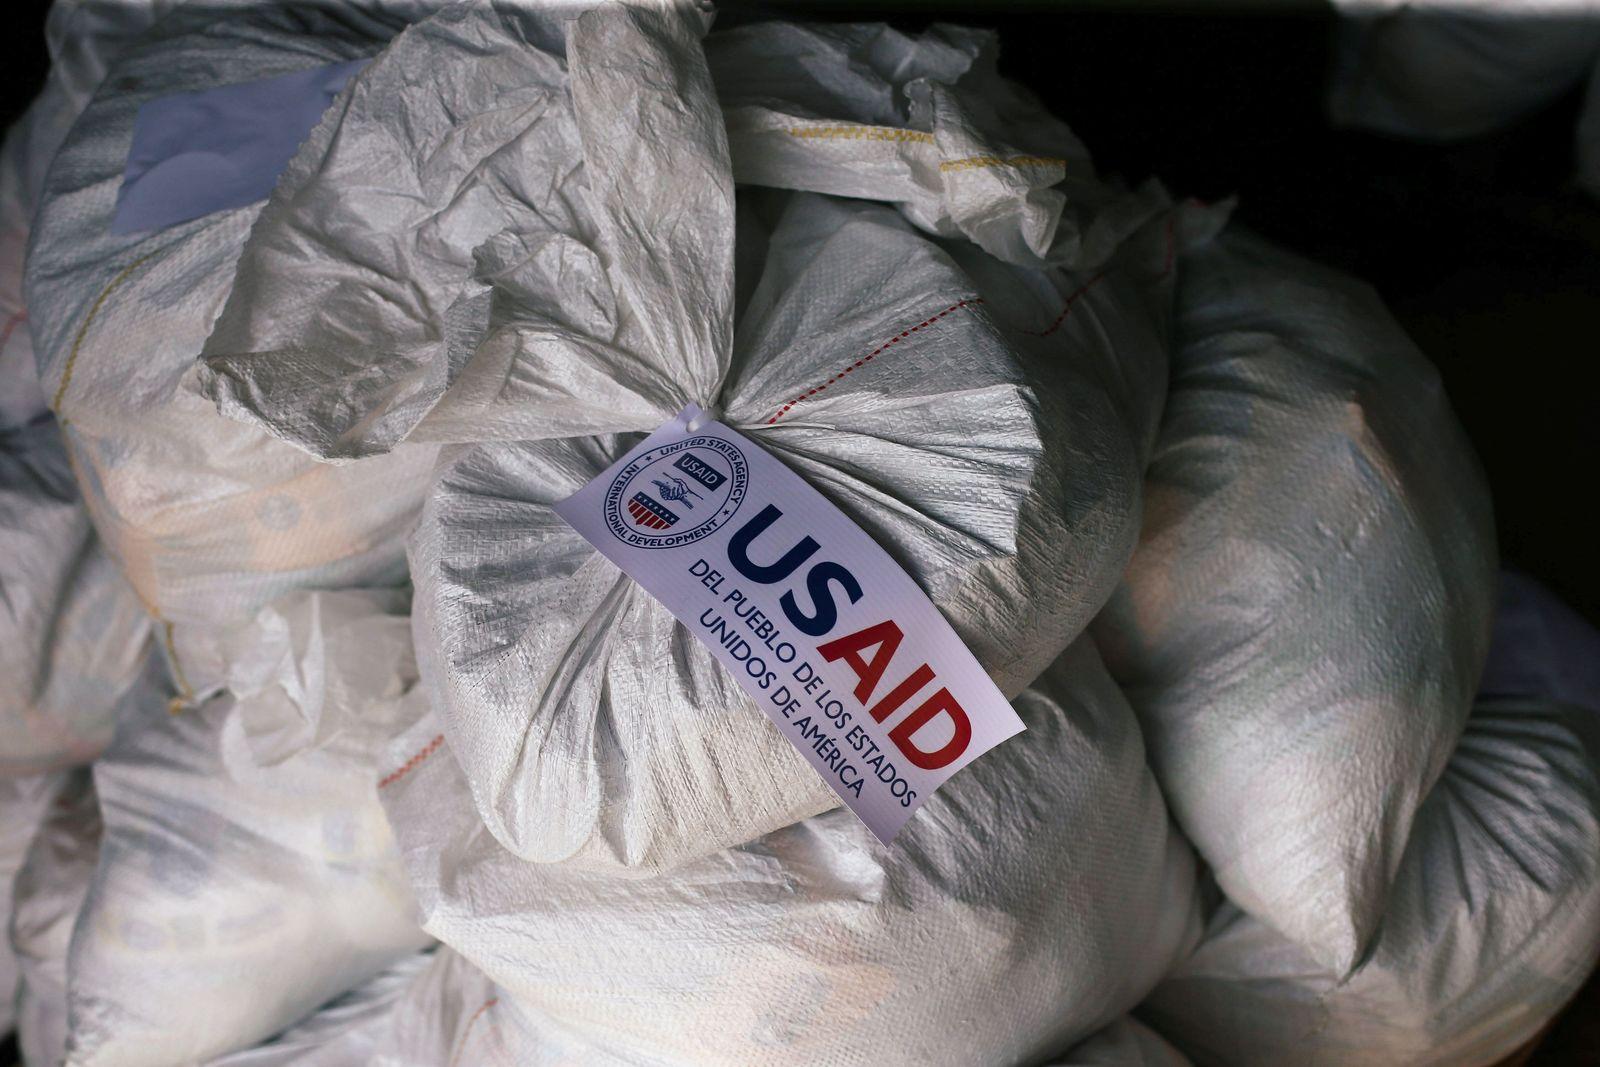 Hilfe für Venezuela